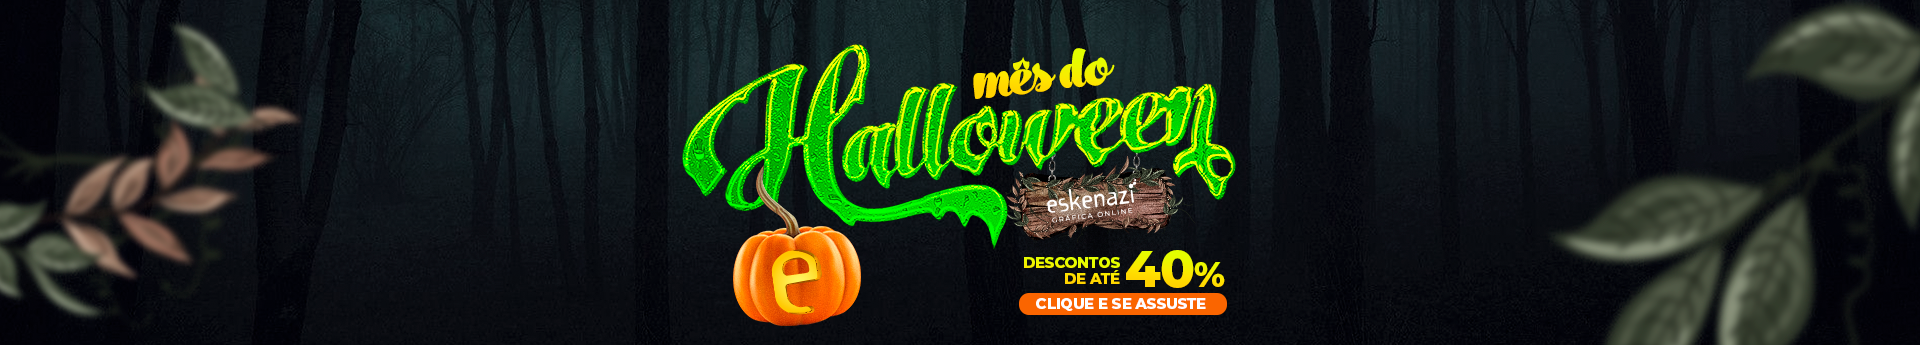 Mês do Halloween Eskenazi - Descontos monstruosos em produtos gráficos